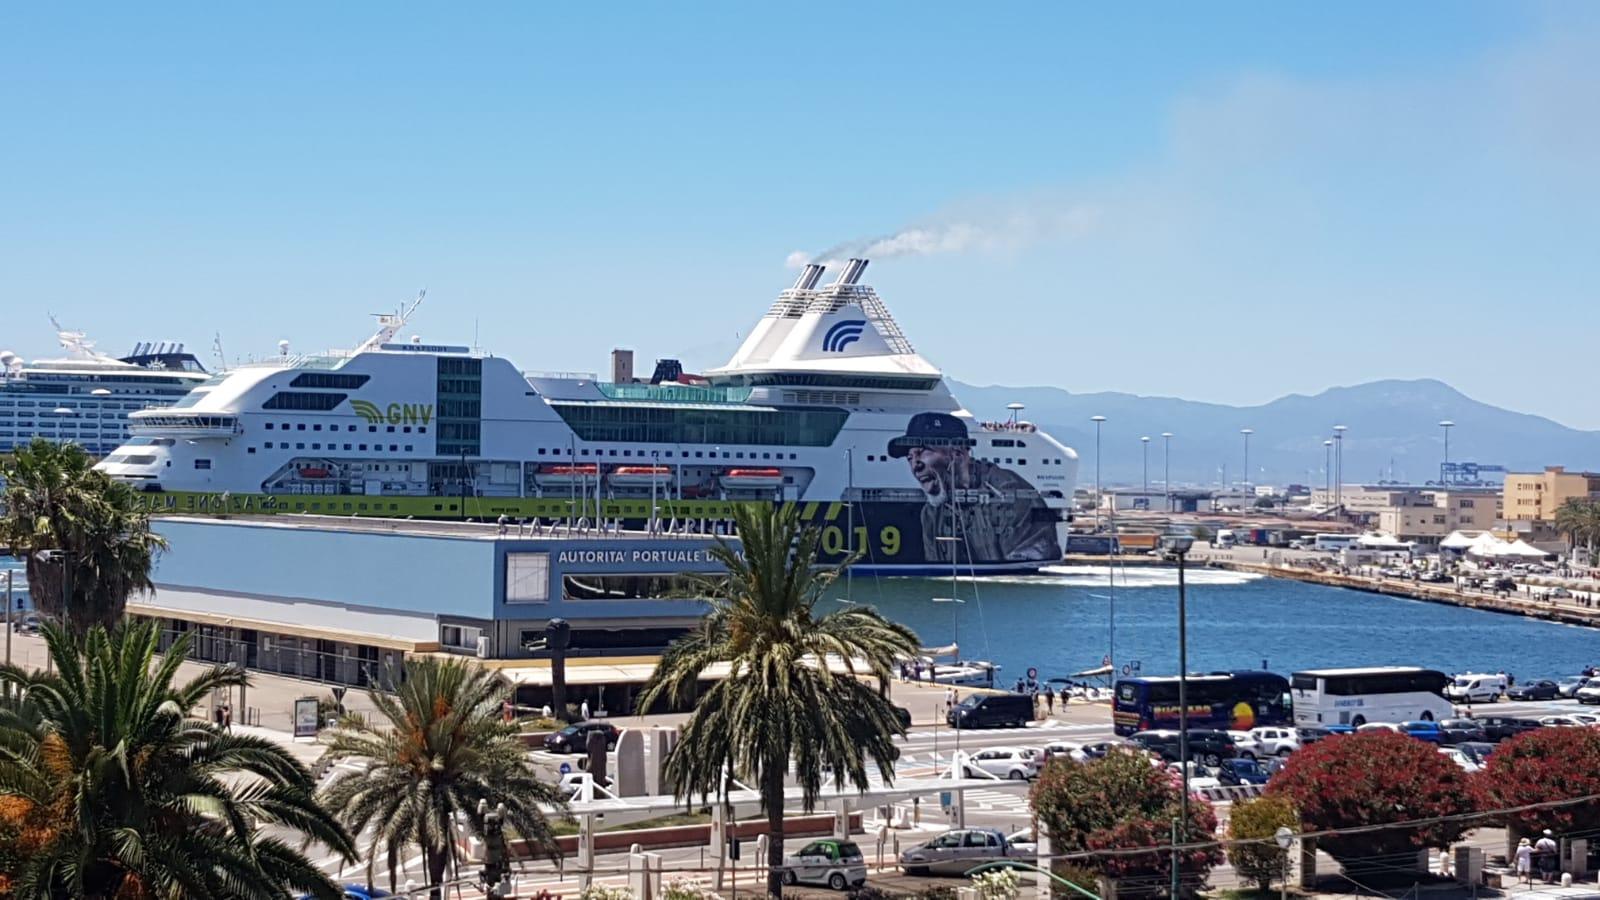 Cagliari, arrivata la nave dei fan di Vasco Rossi ...